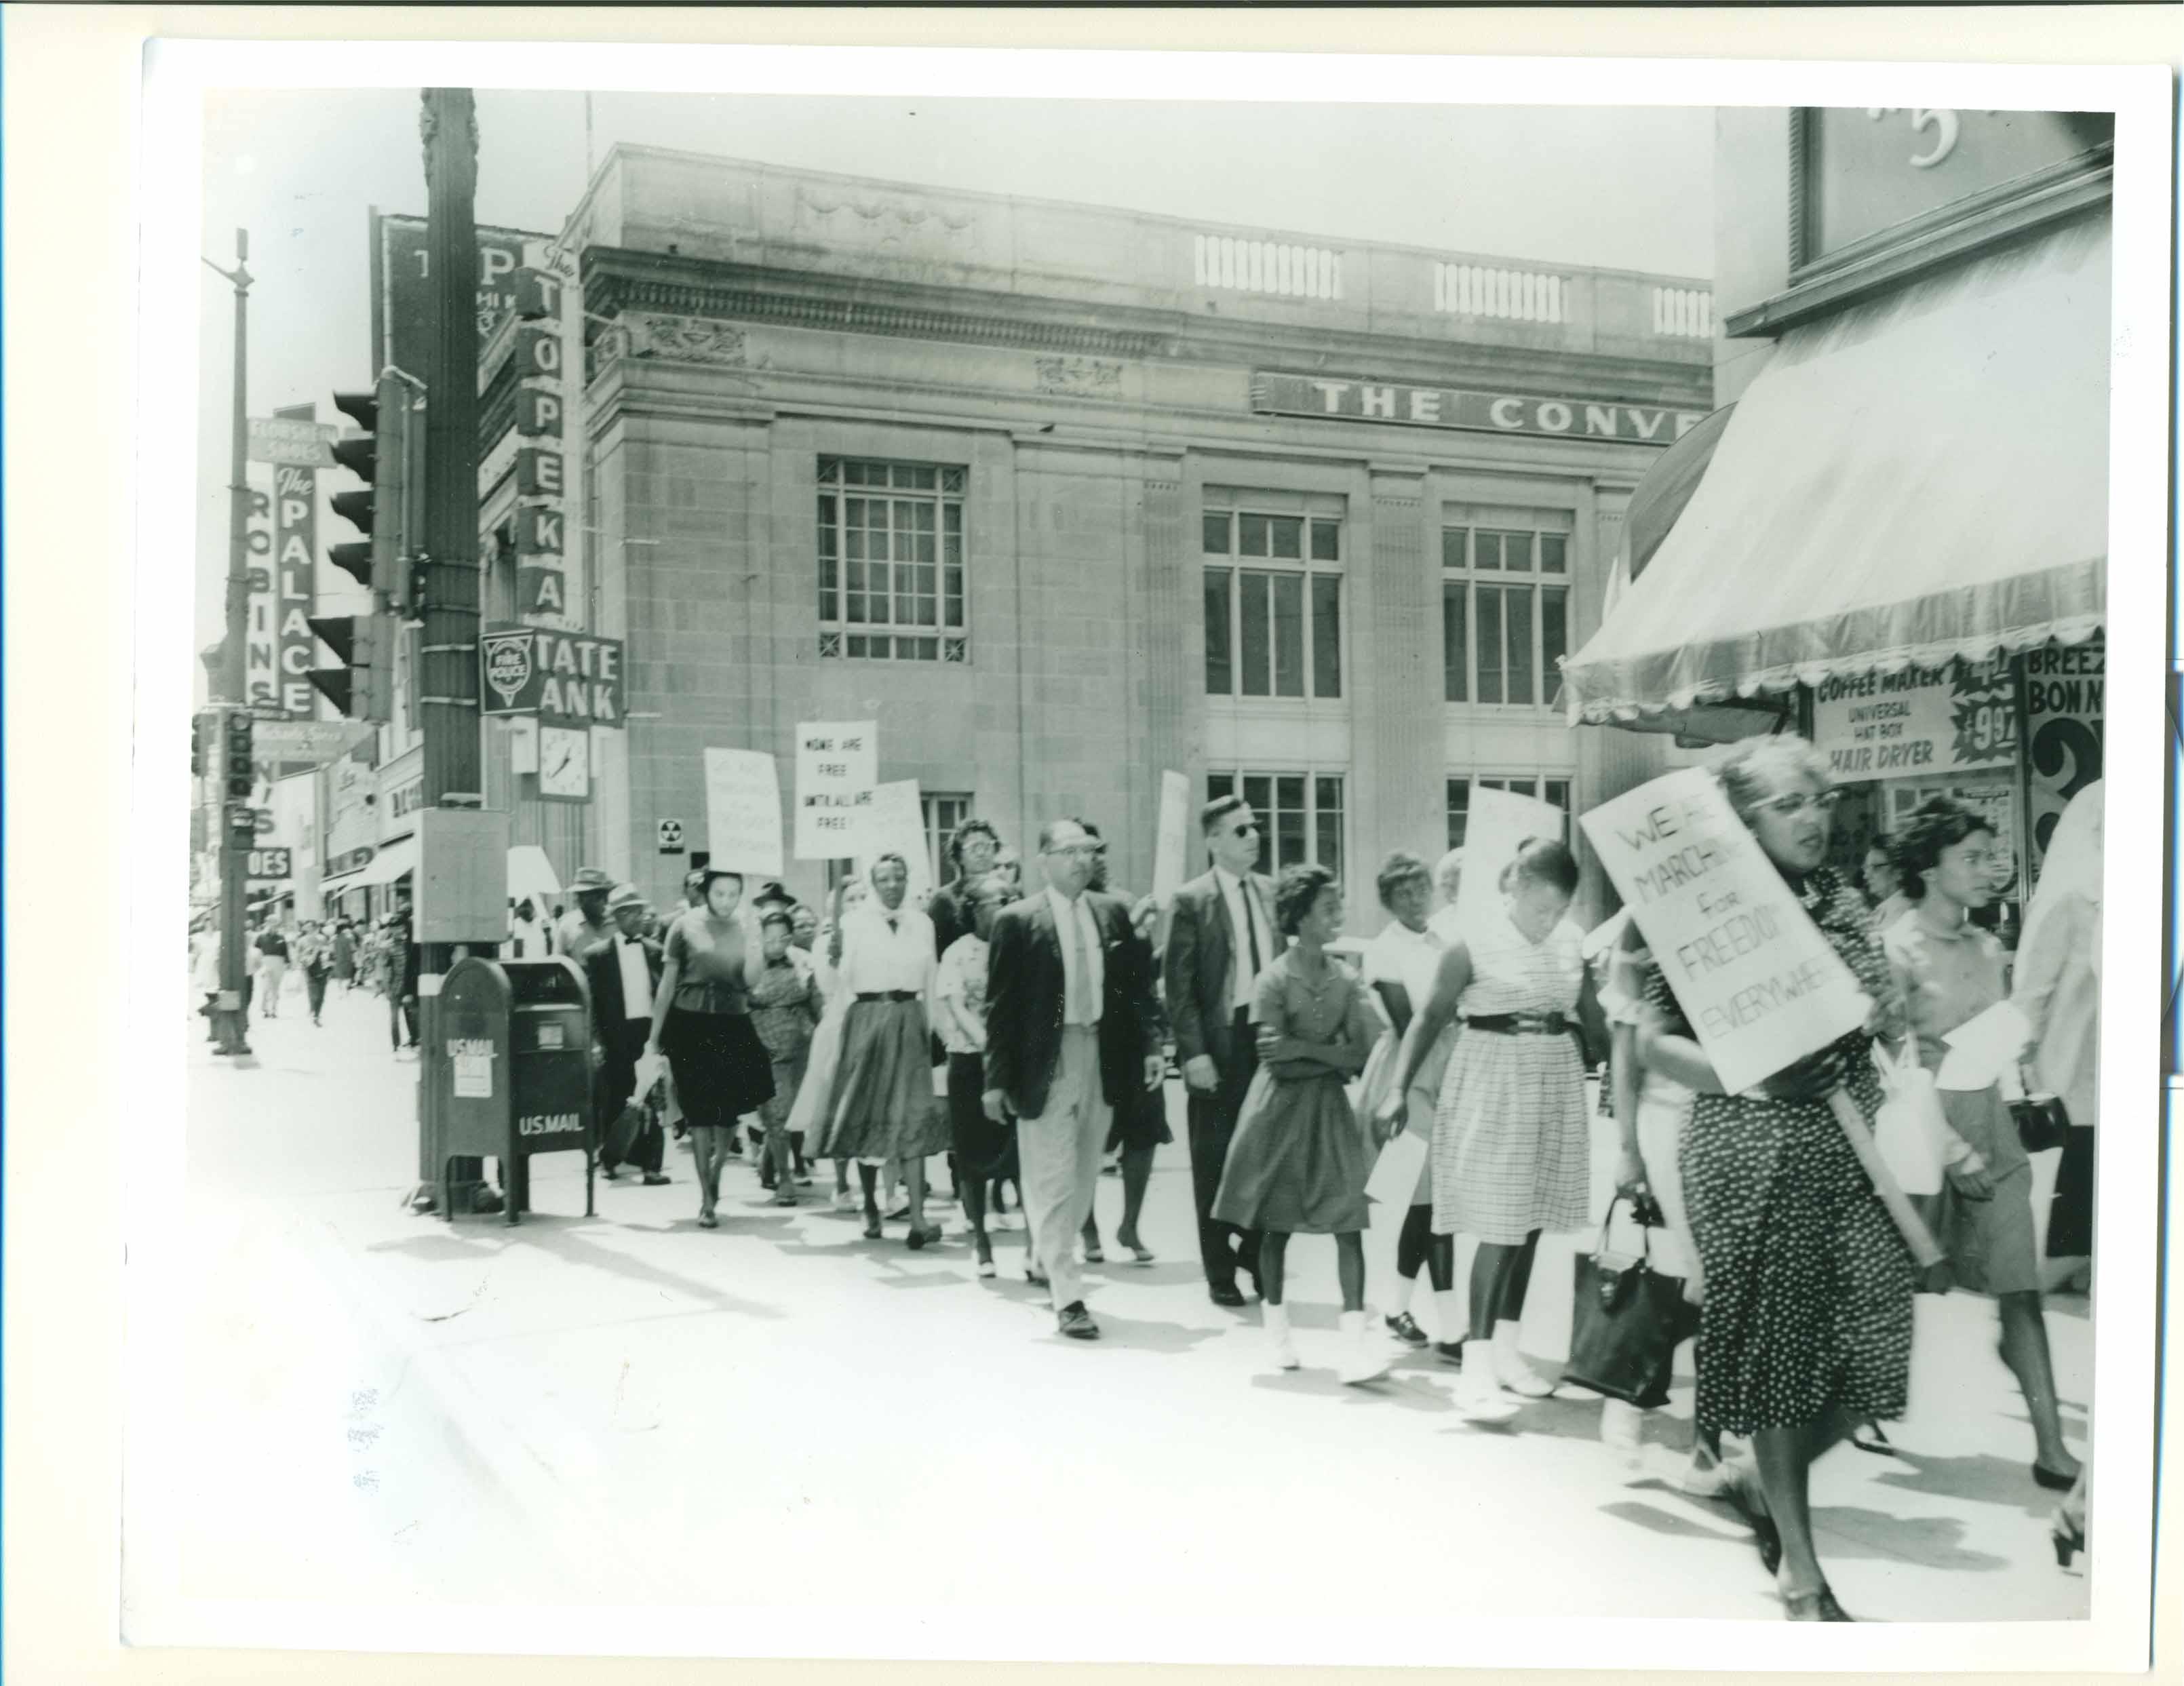 Sympathy March, Topeka, March 1965